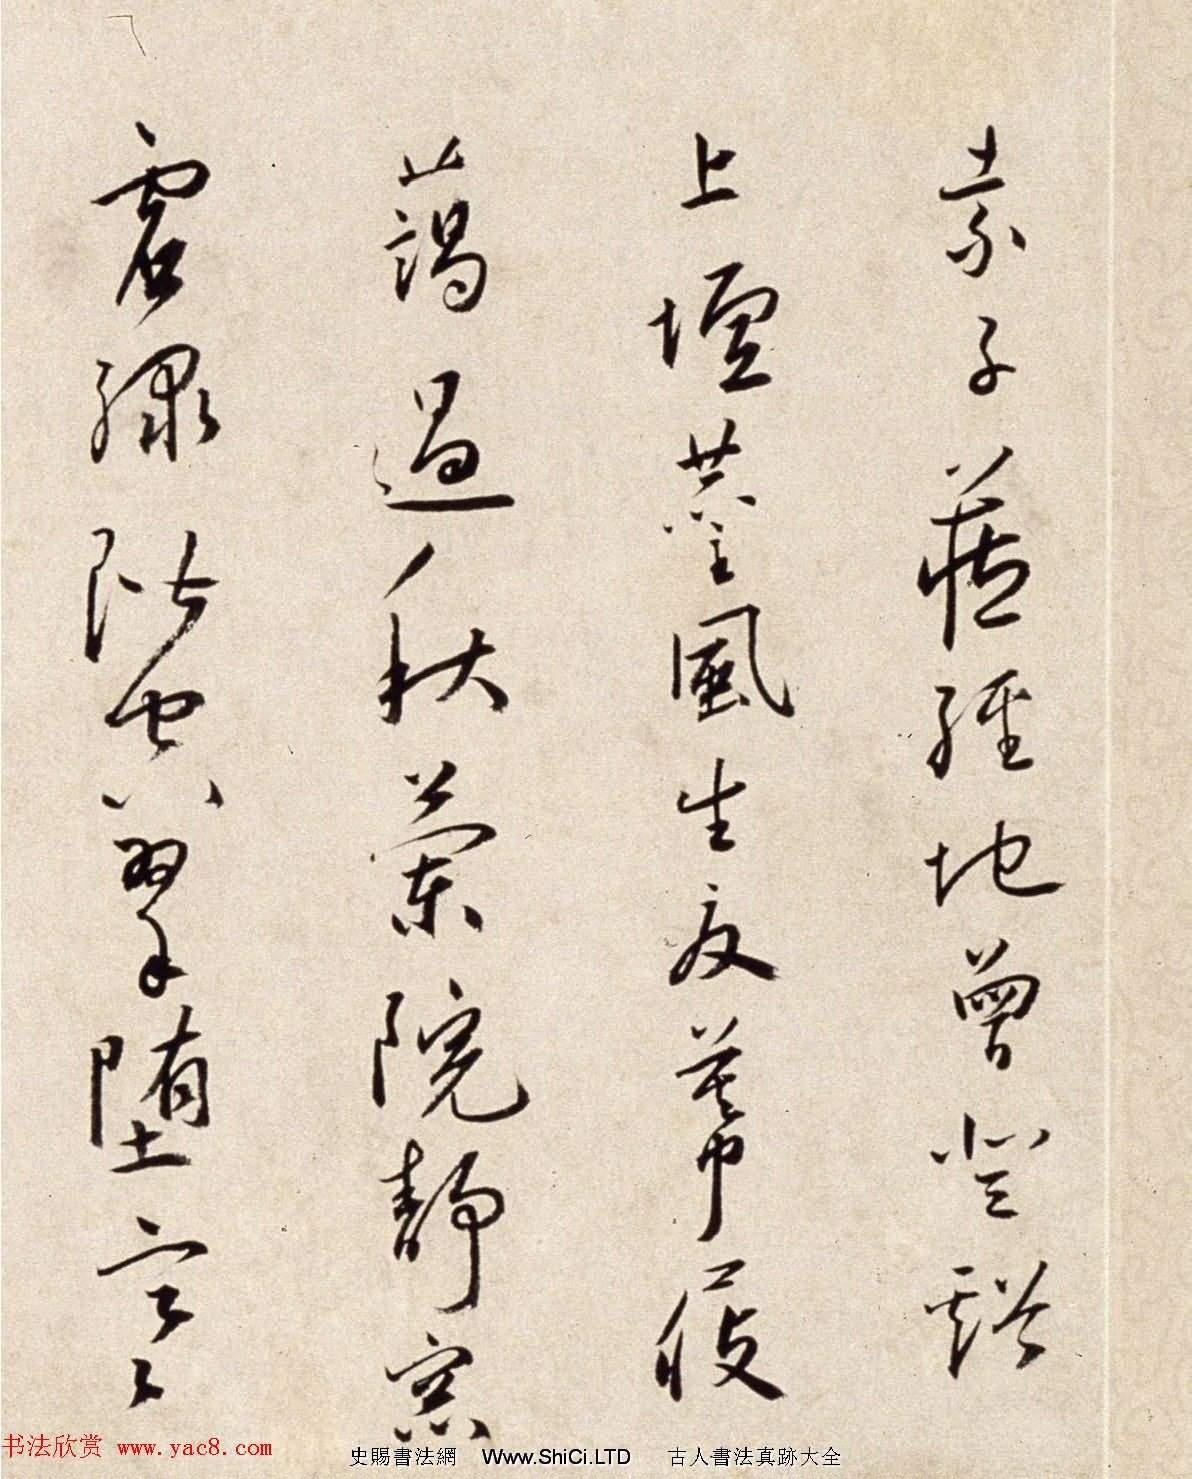 明代蔡羽行書手卷《臨解縉詩》(共30張圖片)